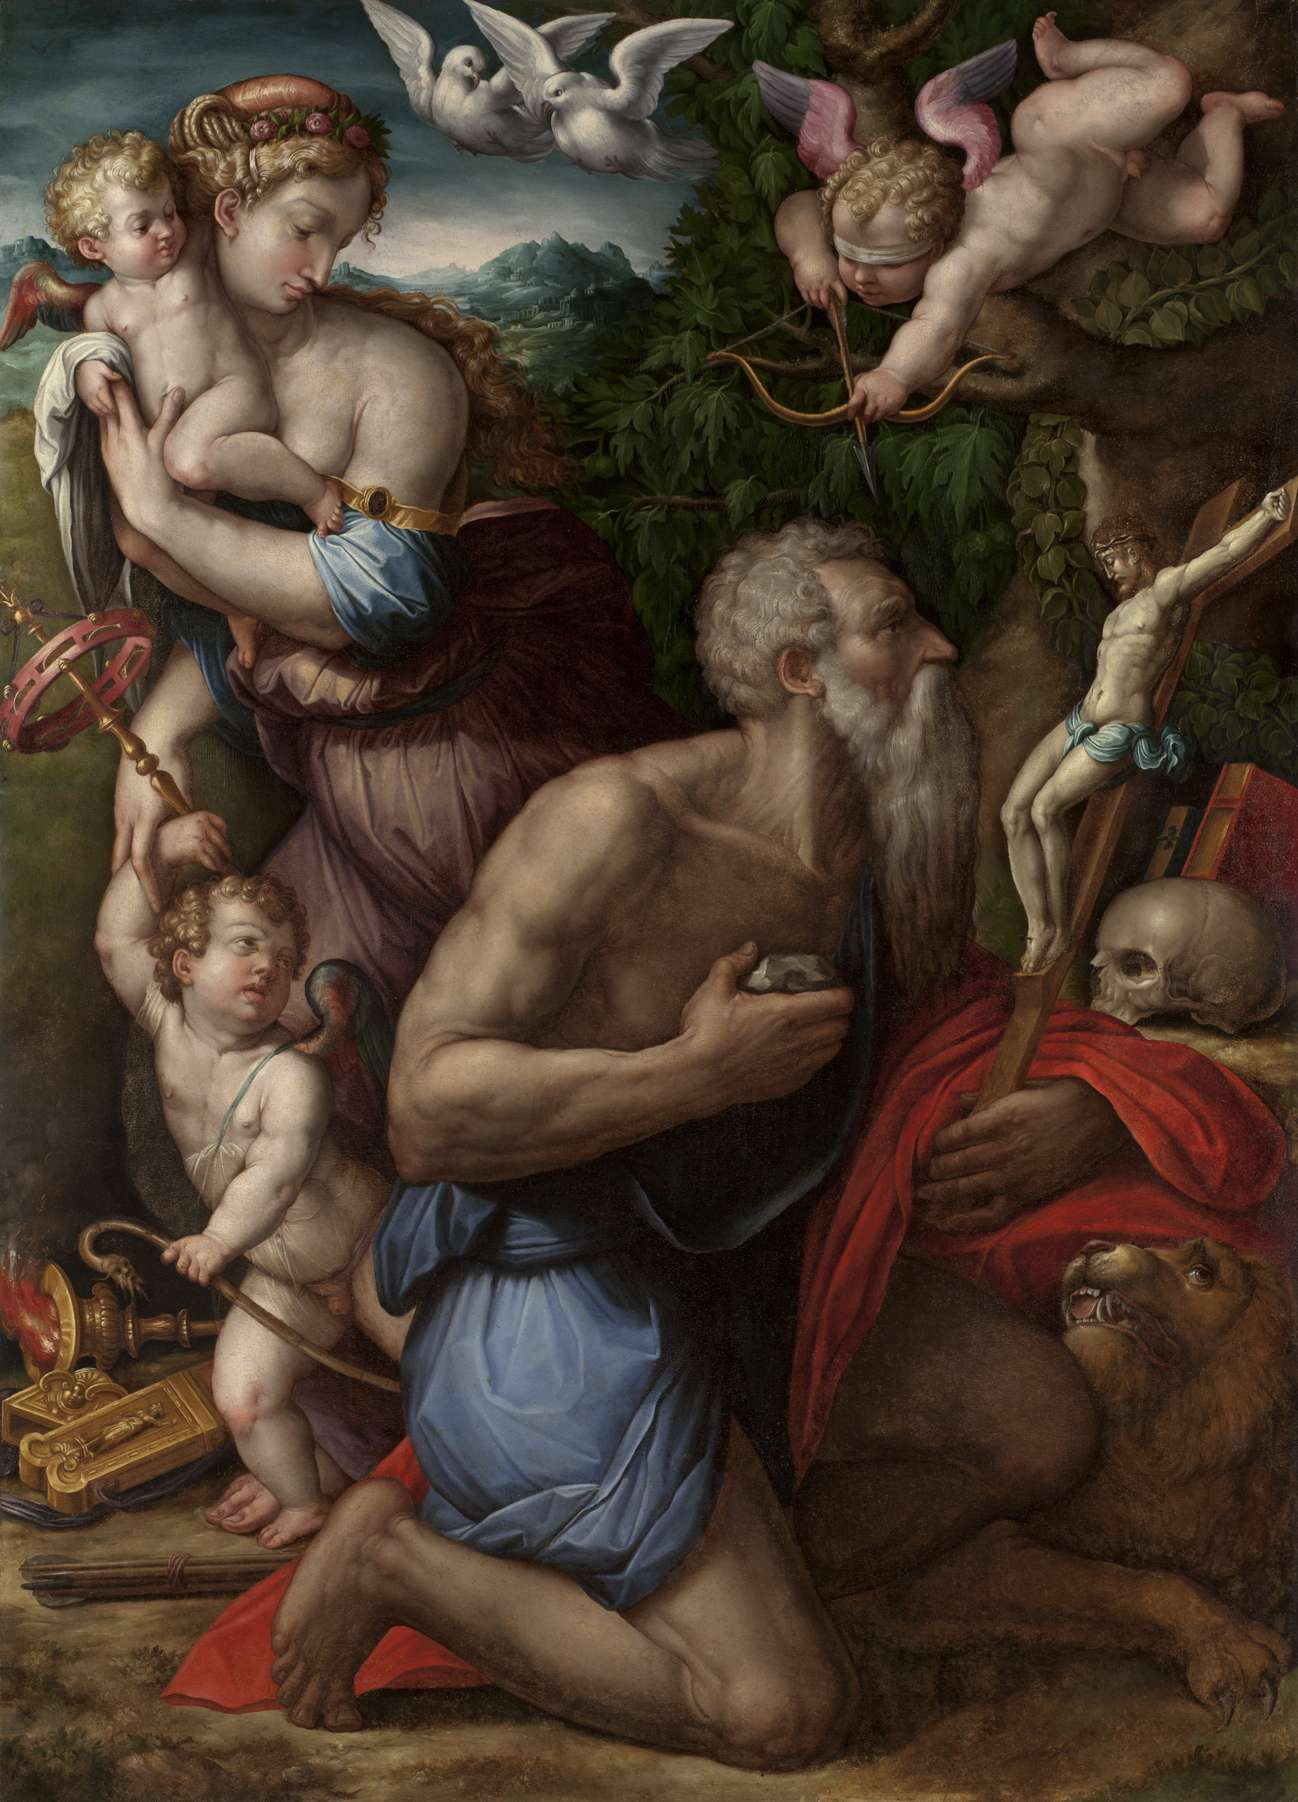 Τζόρτζο Βαζάρι (Giorgio Vasari, 30 Ιουλίου 1511 - 27 Ιουνίου 1574). Οι πειρασμοί του Αγίου Ιερωνύμου, 1541, Φλωρεντία, Παλατινή Πινακοθήκη.